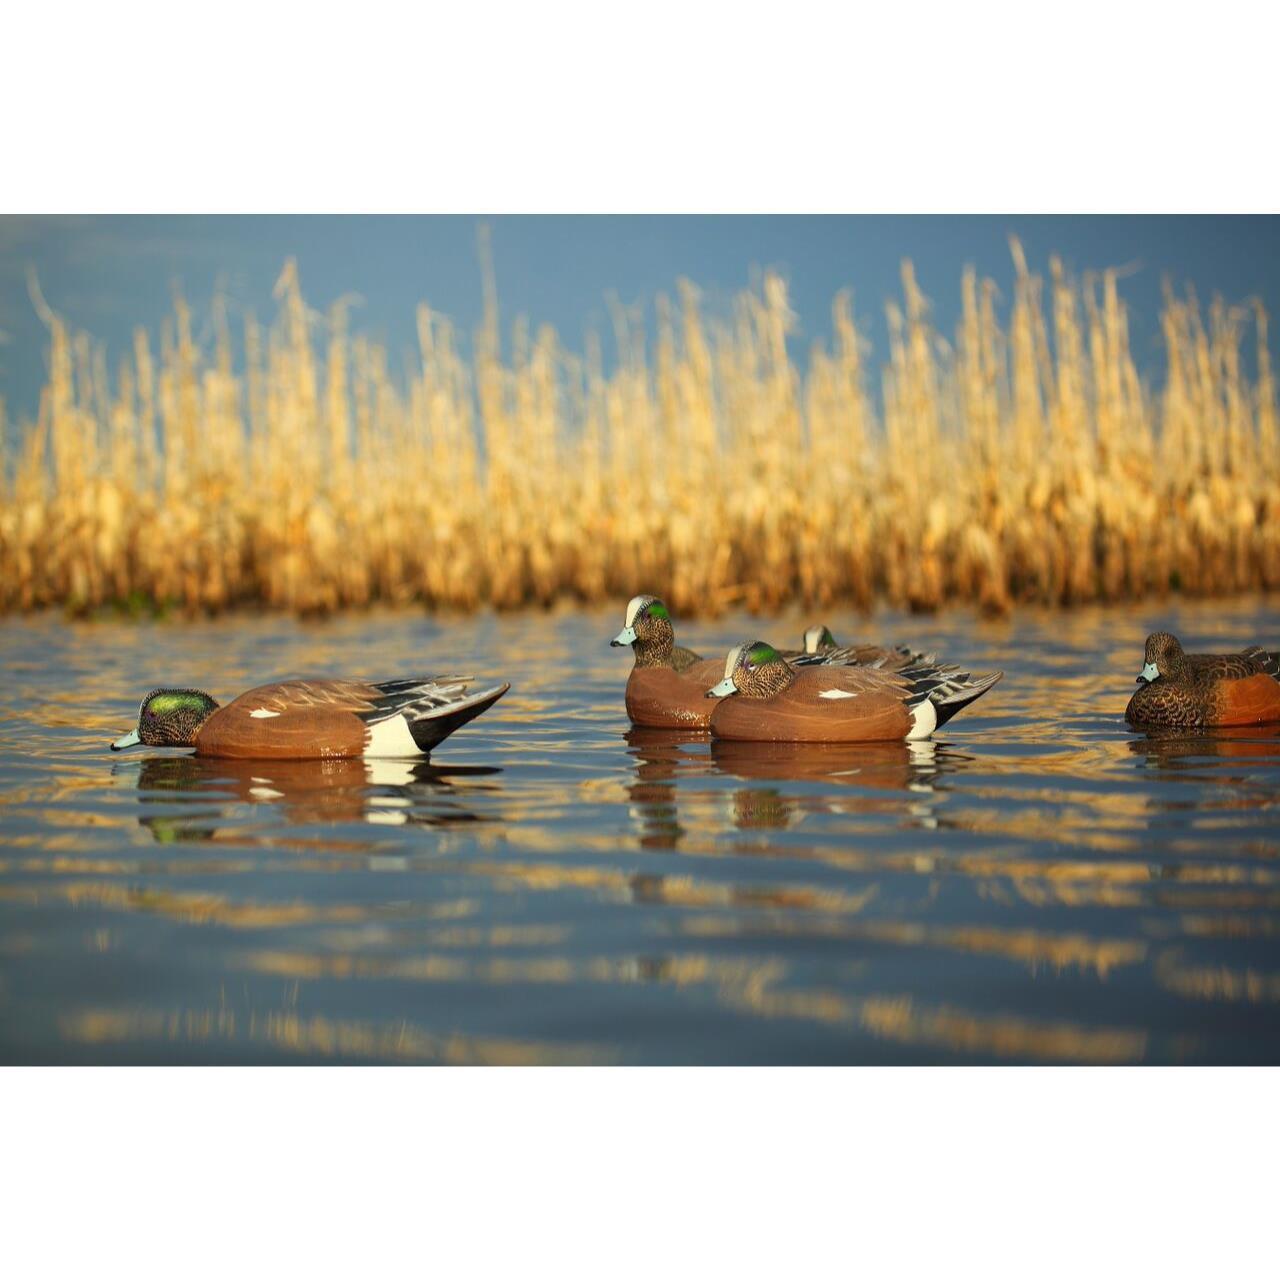 Avery GHG Pro-Grade Wigeon Floaters - 6pk - 73143 - 700905731435